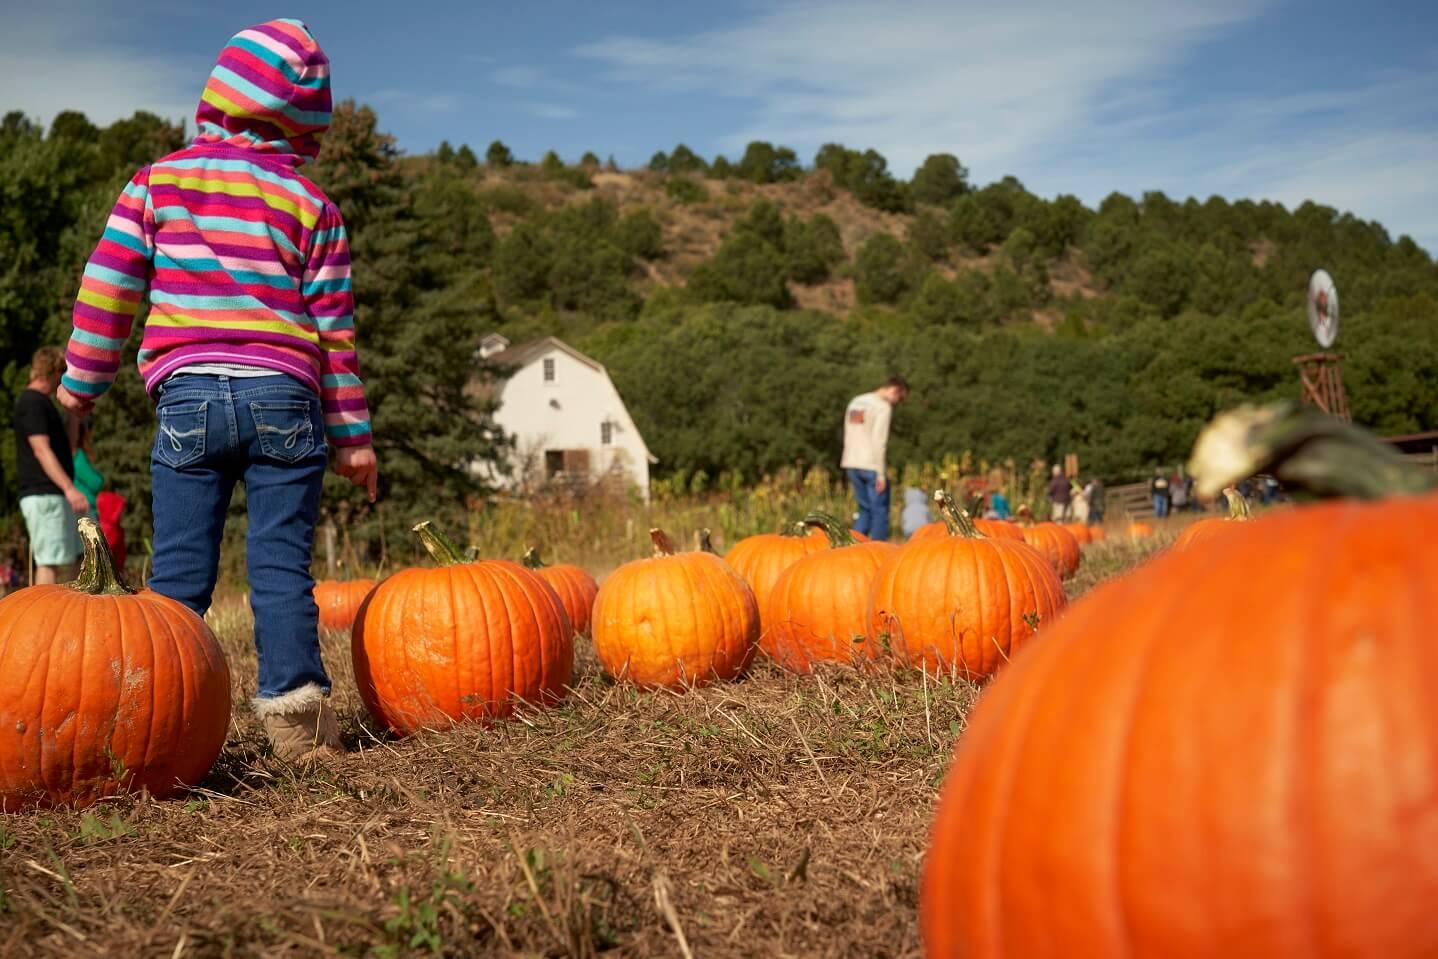 TBD: Harvest Festival